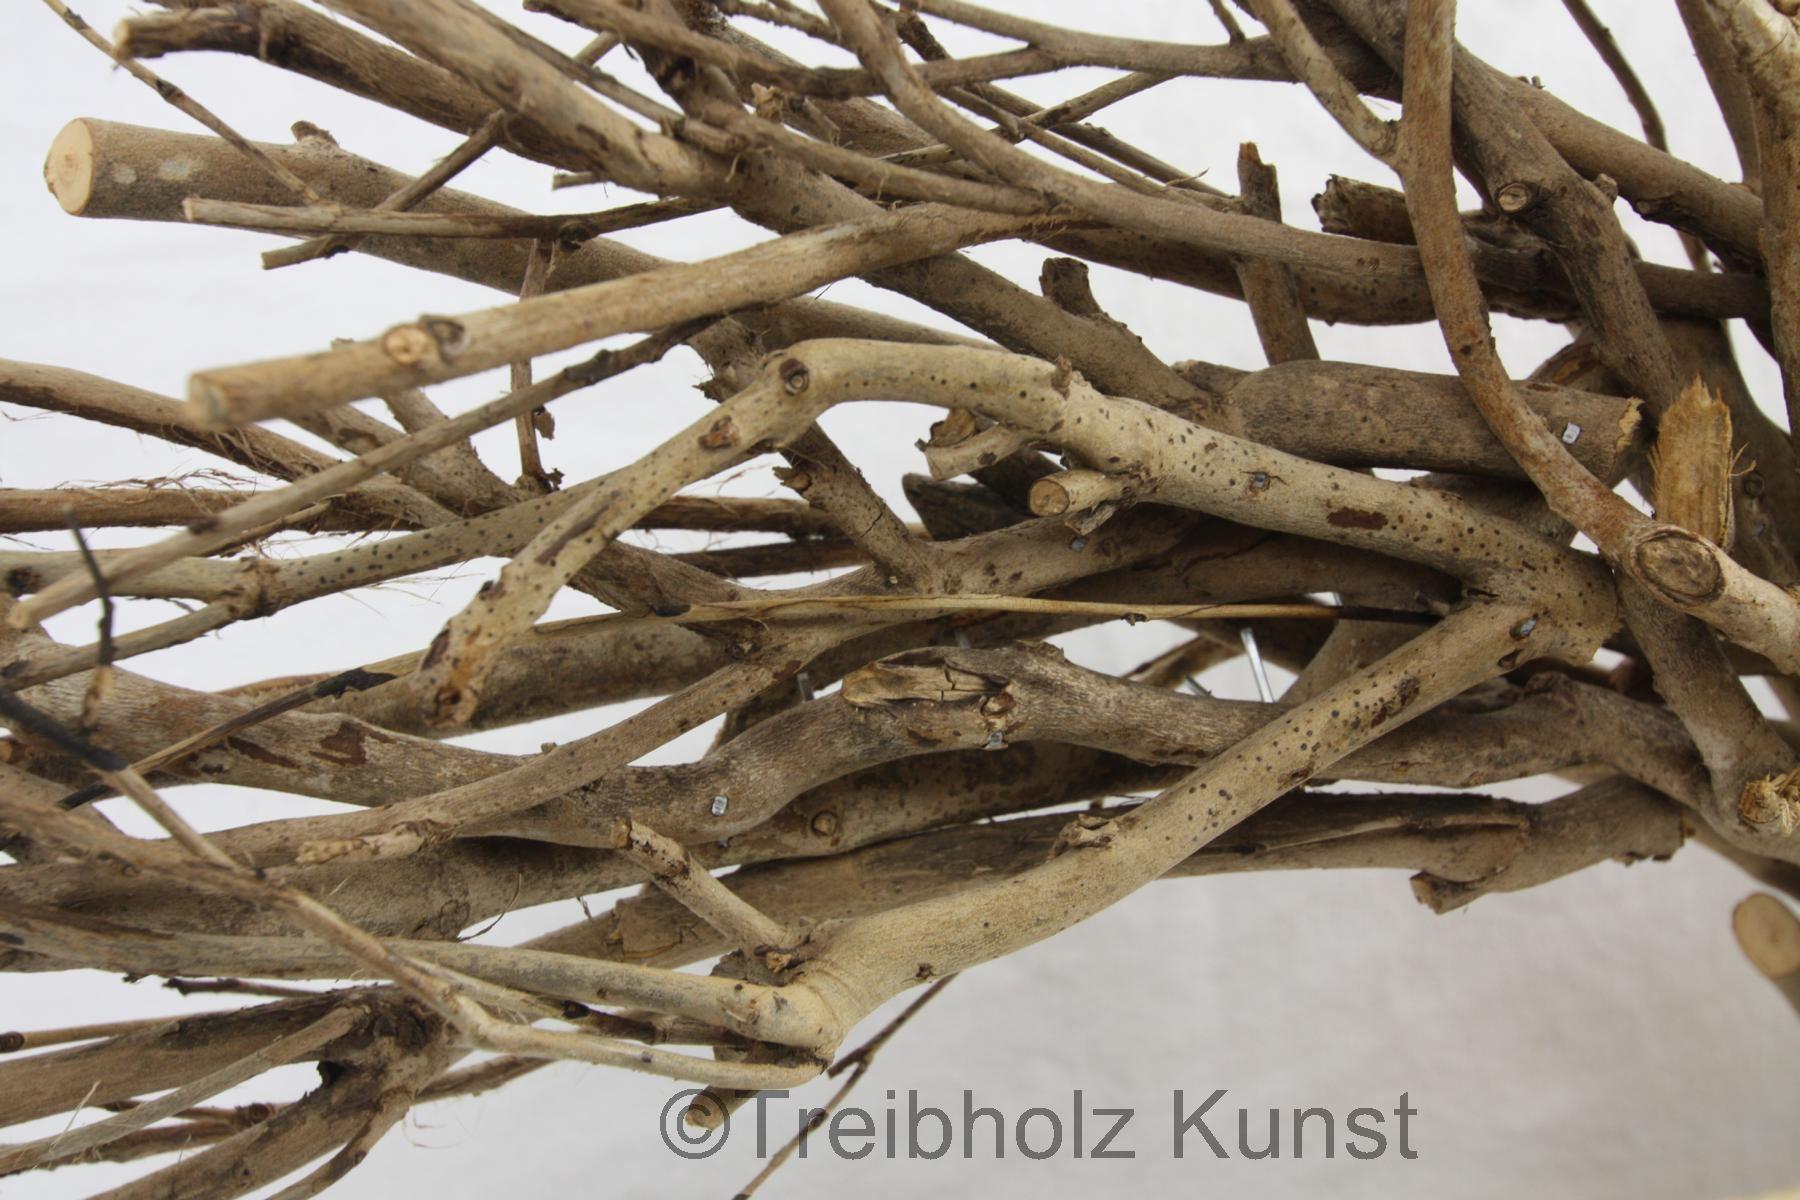 Baum äste Deko deko ast baum treibholz bodensee de einmaliges holz bilder